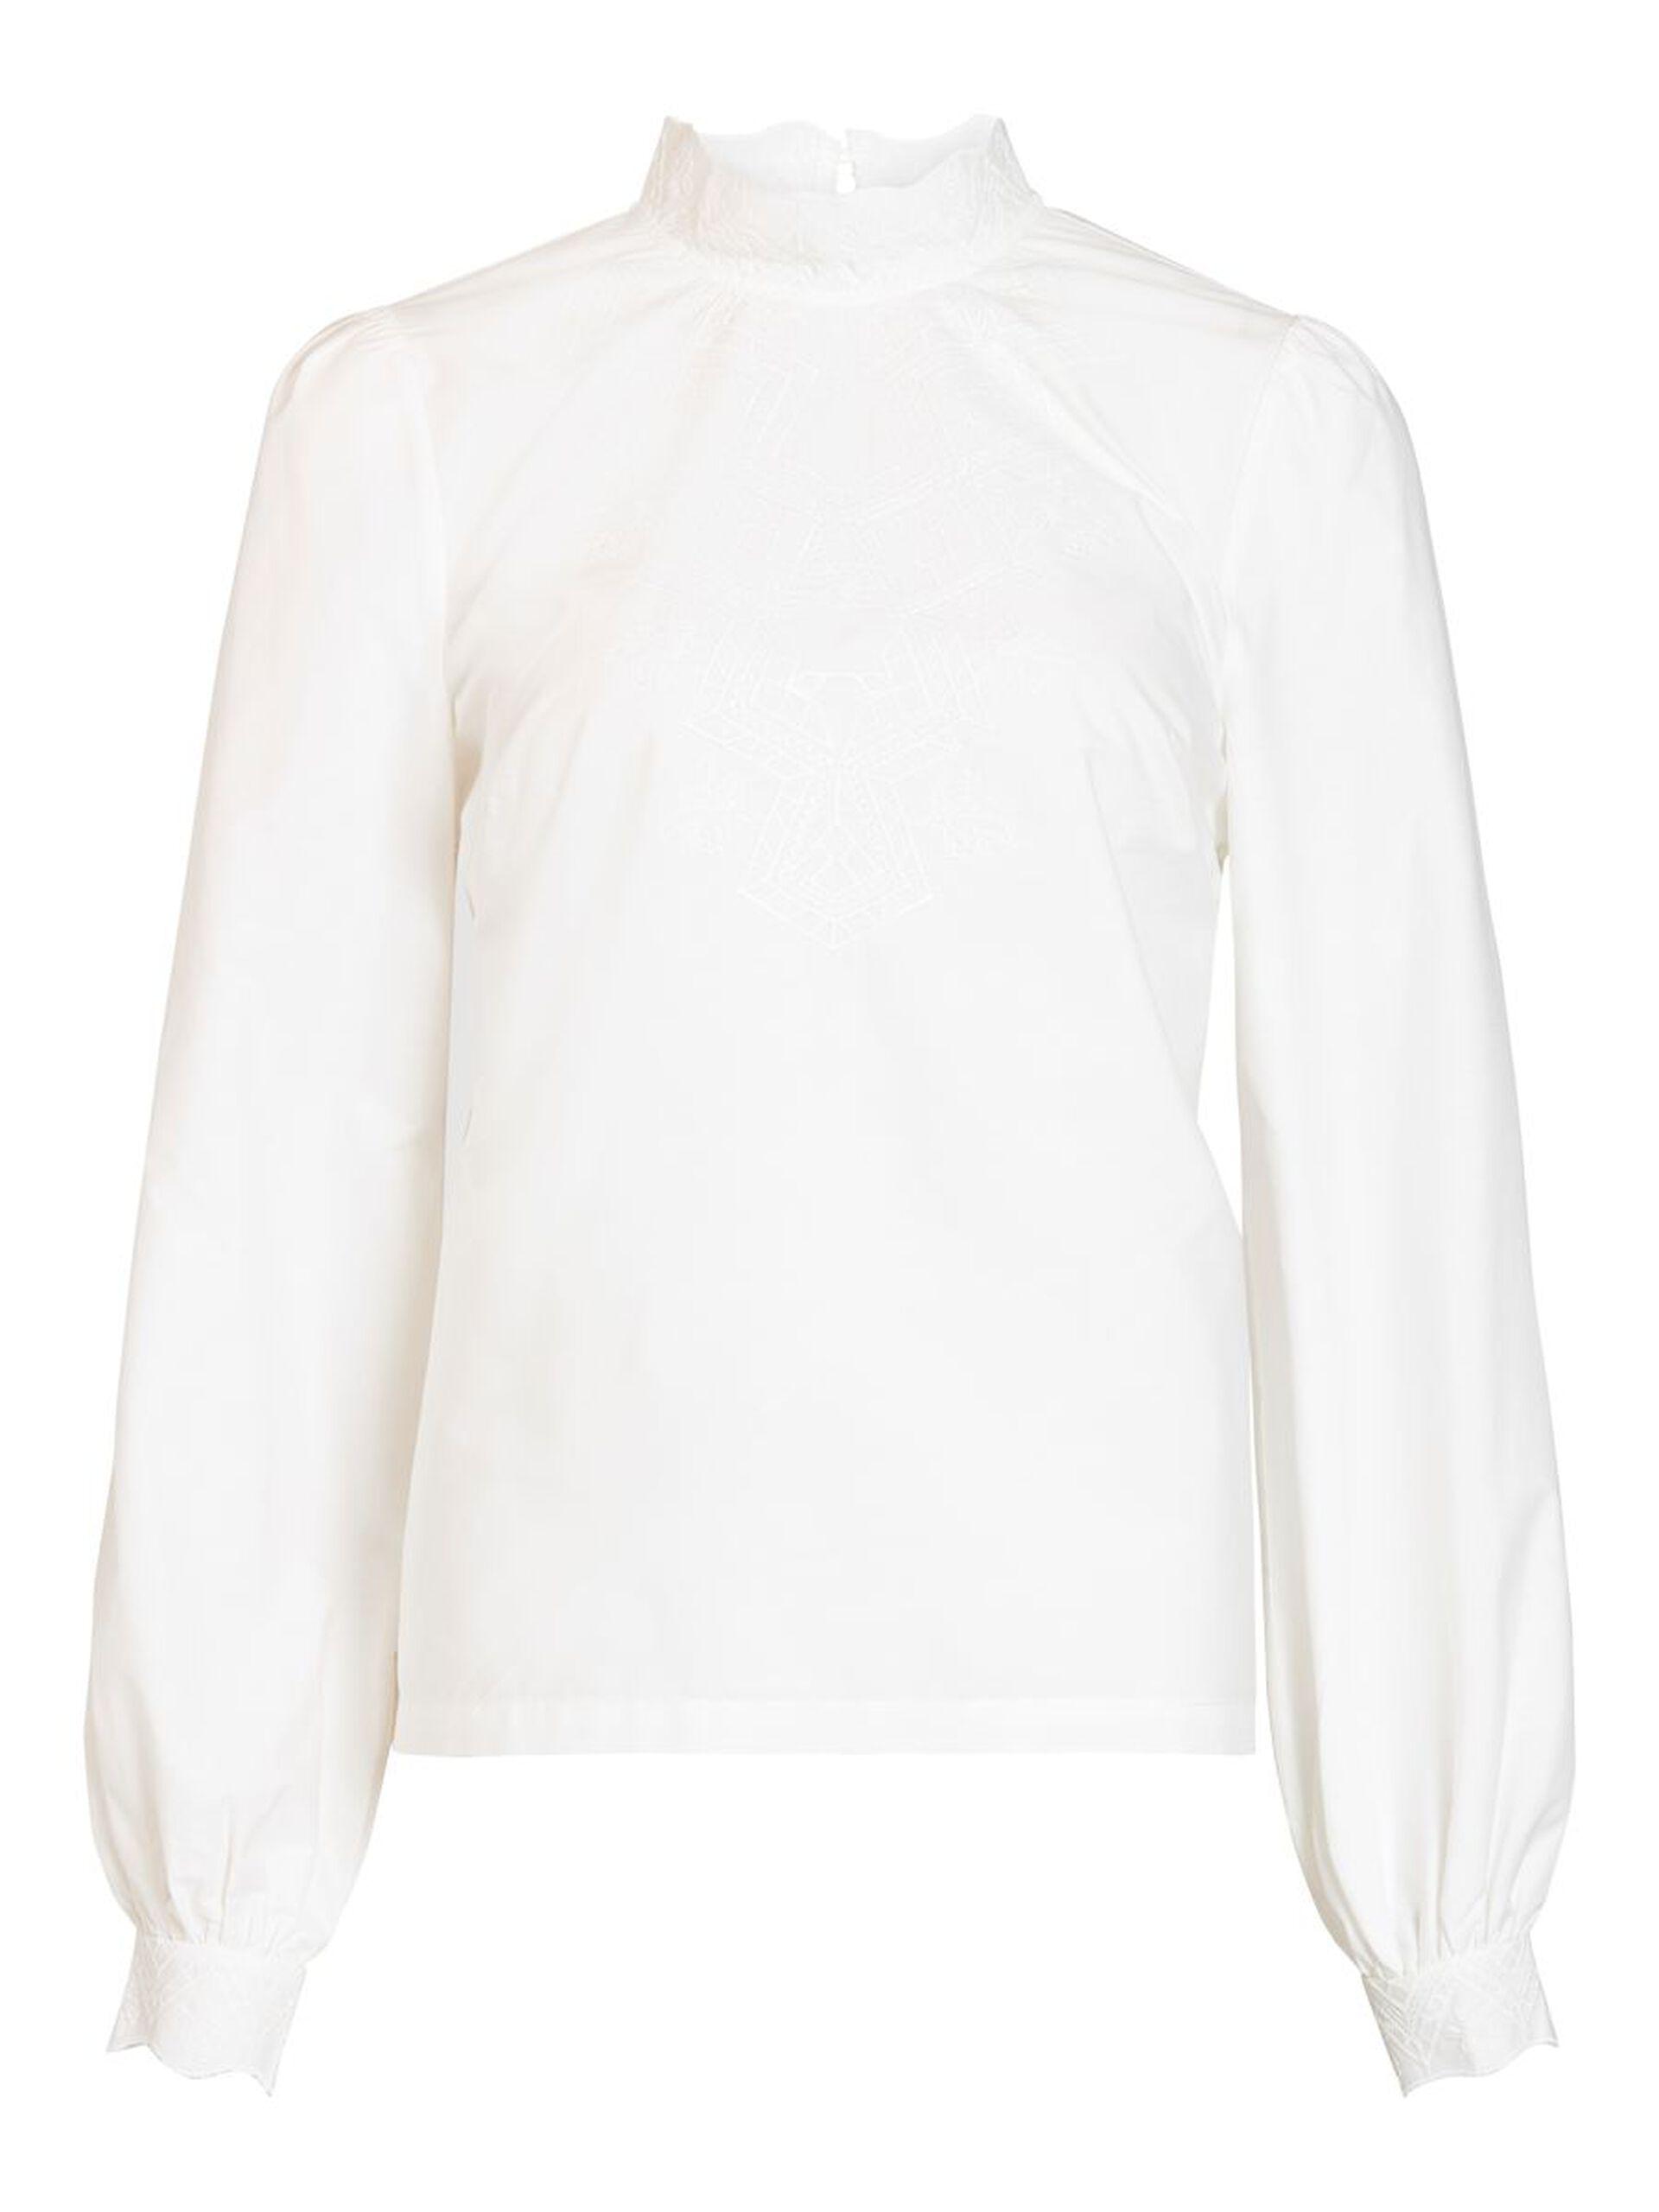 Hvit bluse høy hals